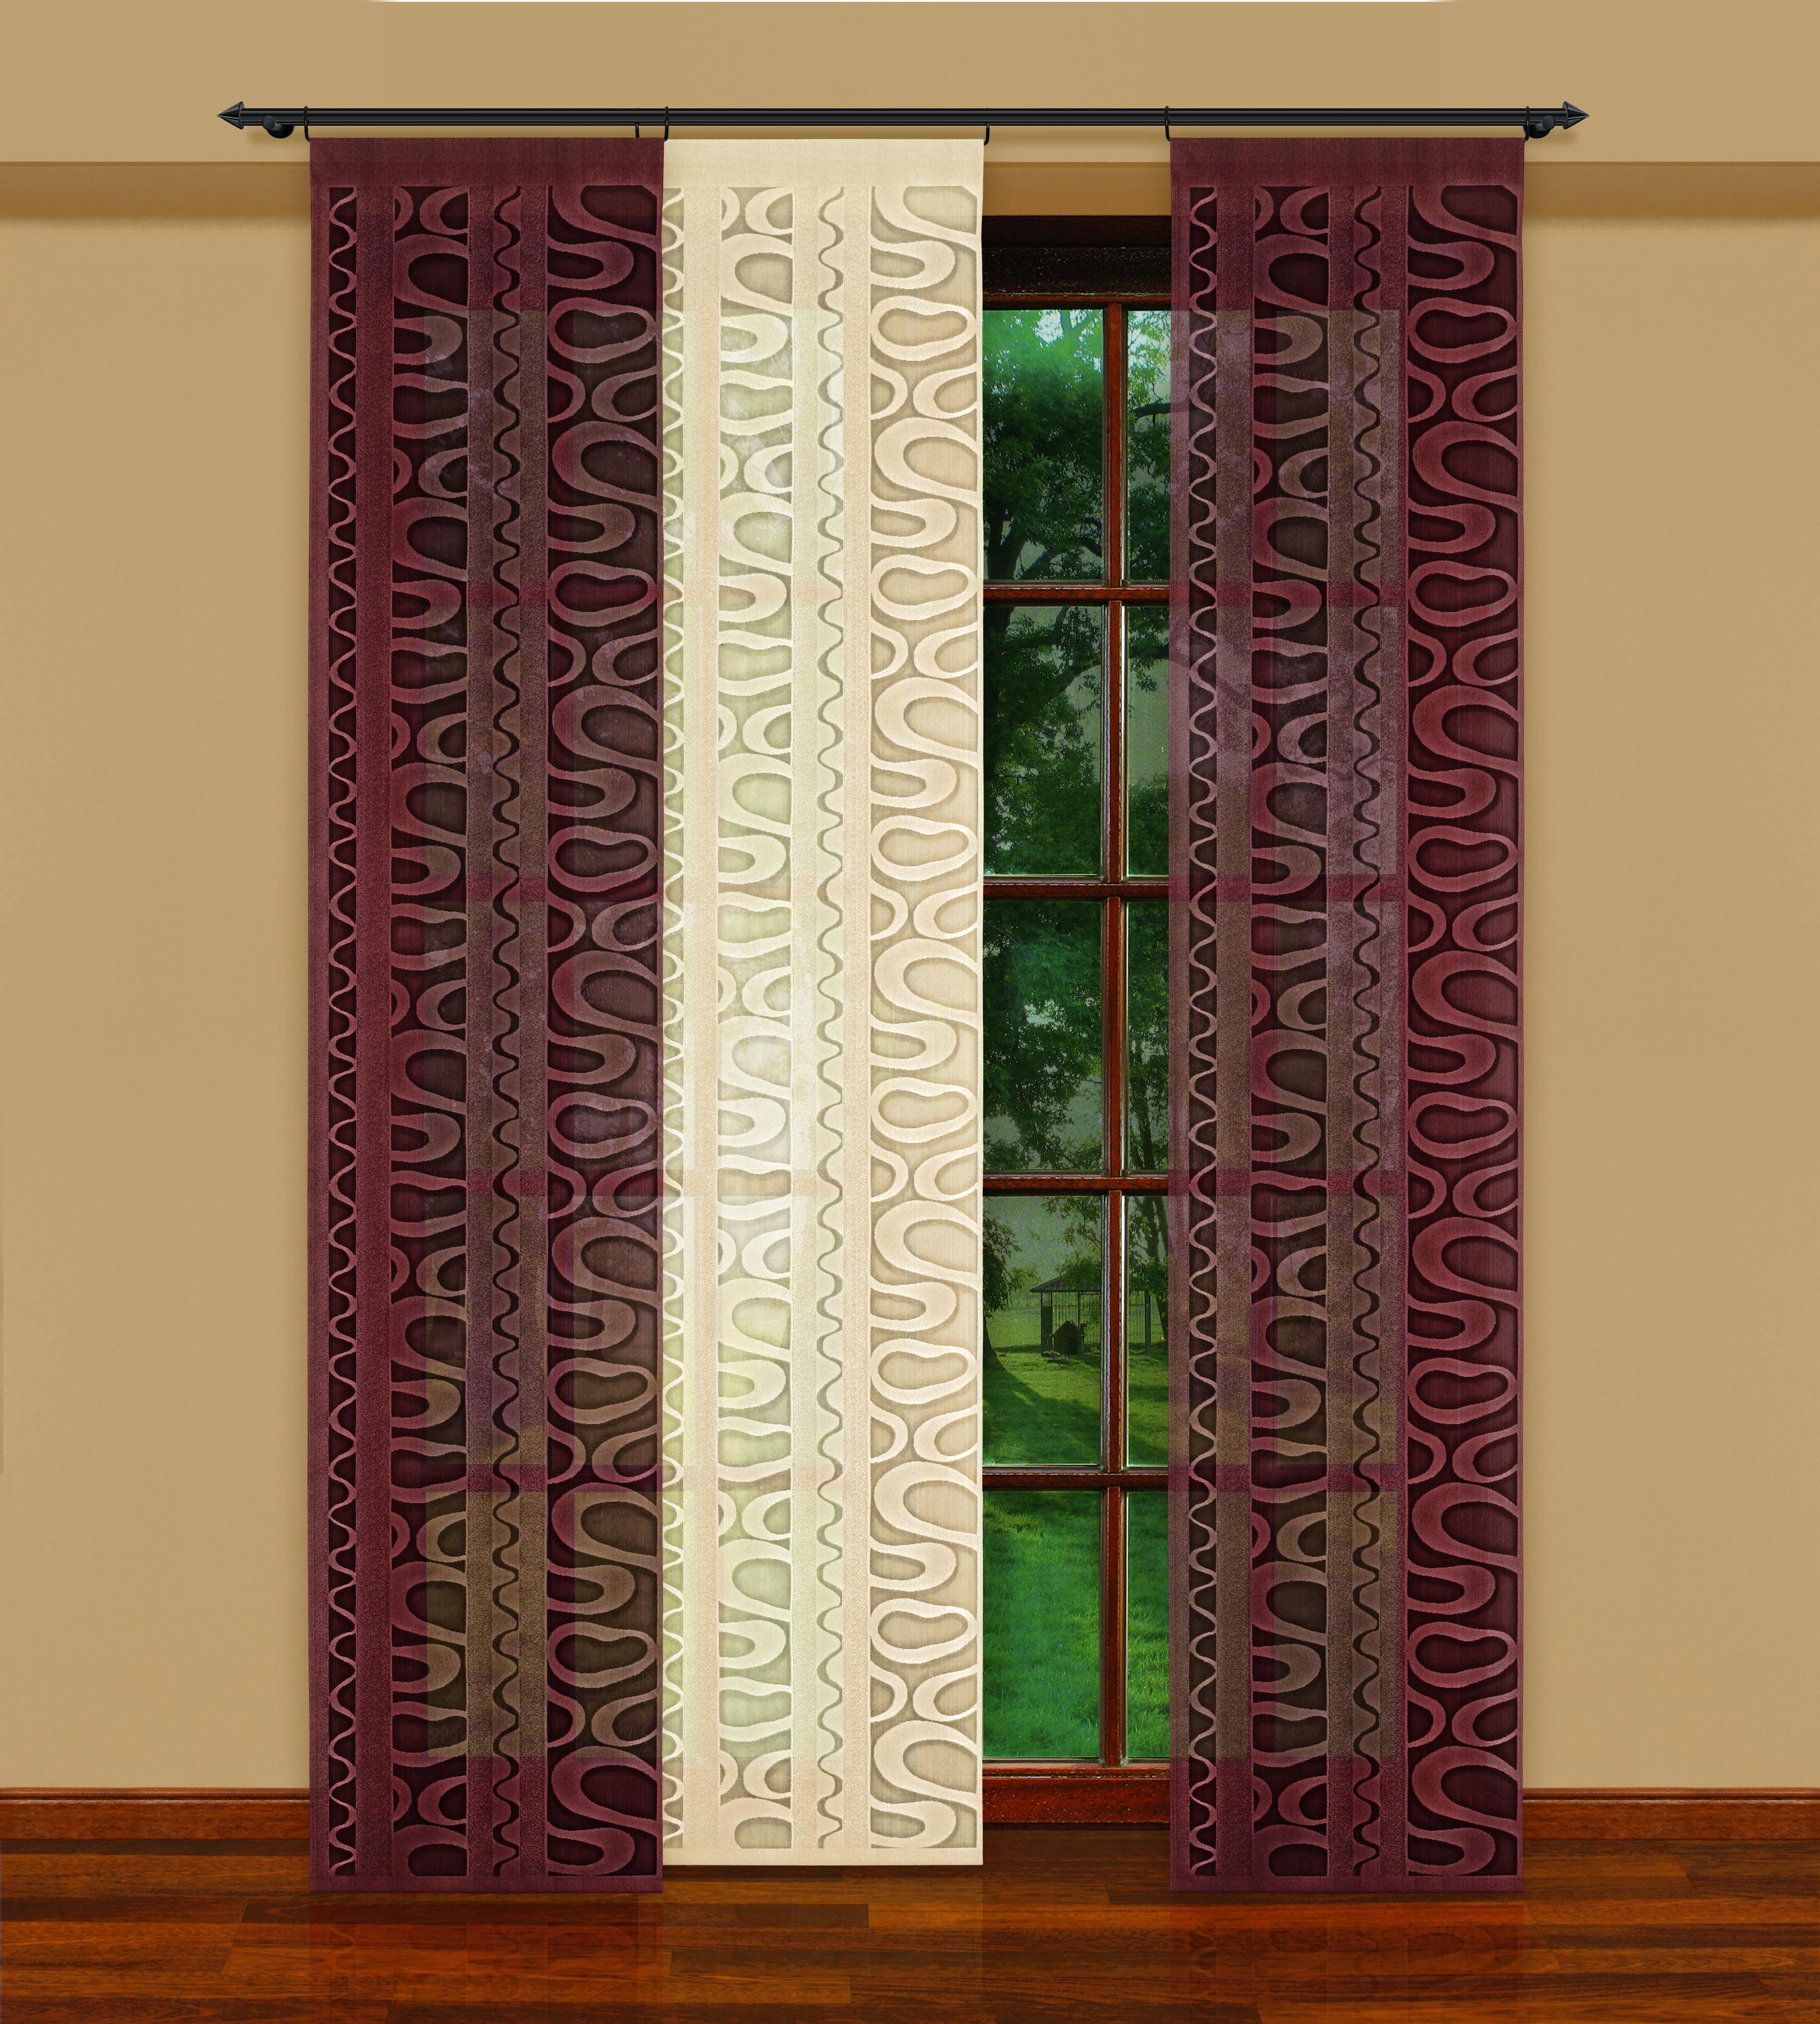 Гардина-панно HAFT 250*50. 207350/50 коричневый091WГардина-панно XAFT 250*50. 207350/50 коричневыйМатериал: 100% п/э, размер: 250*50, цвет: коричневый